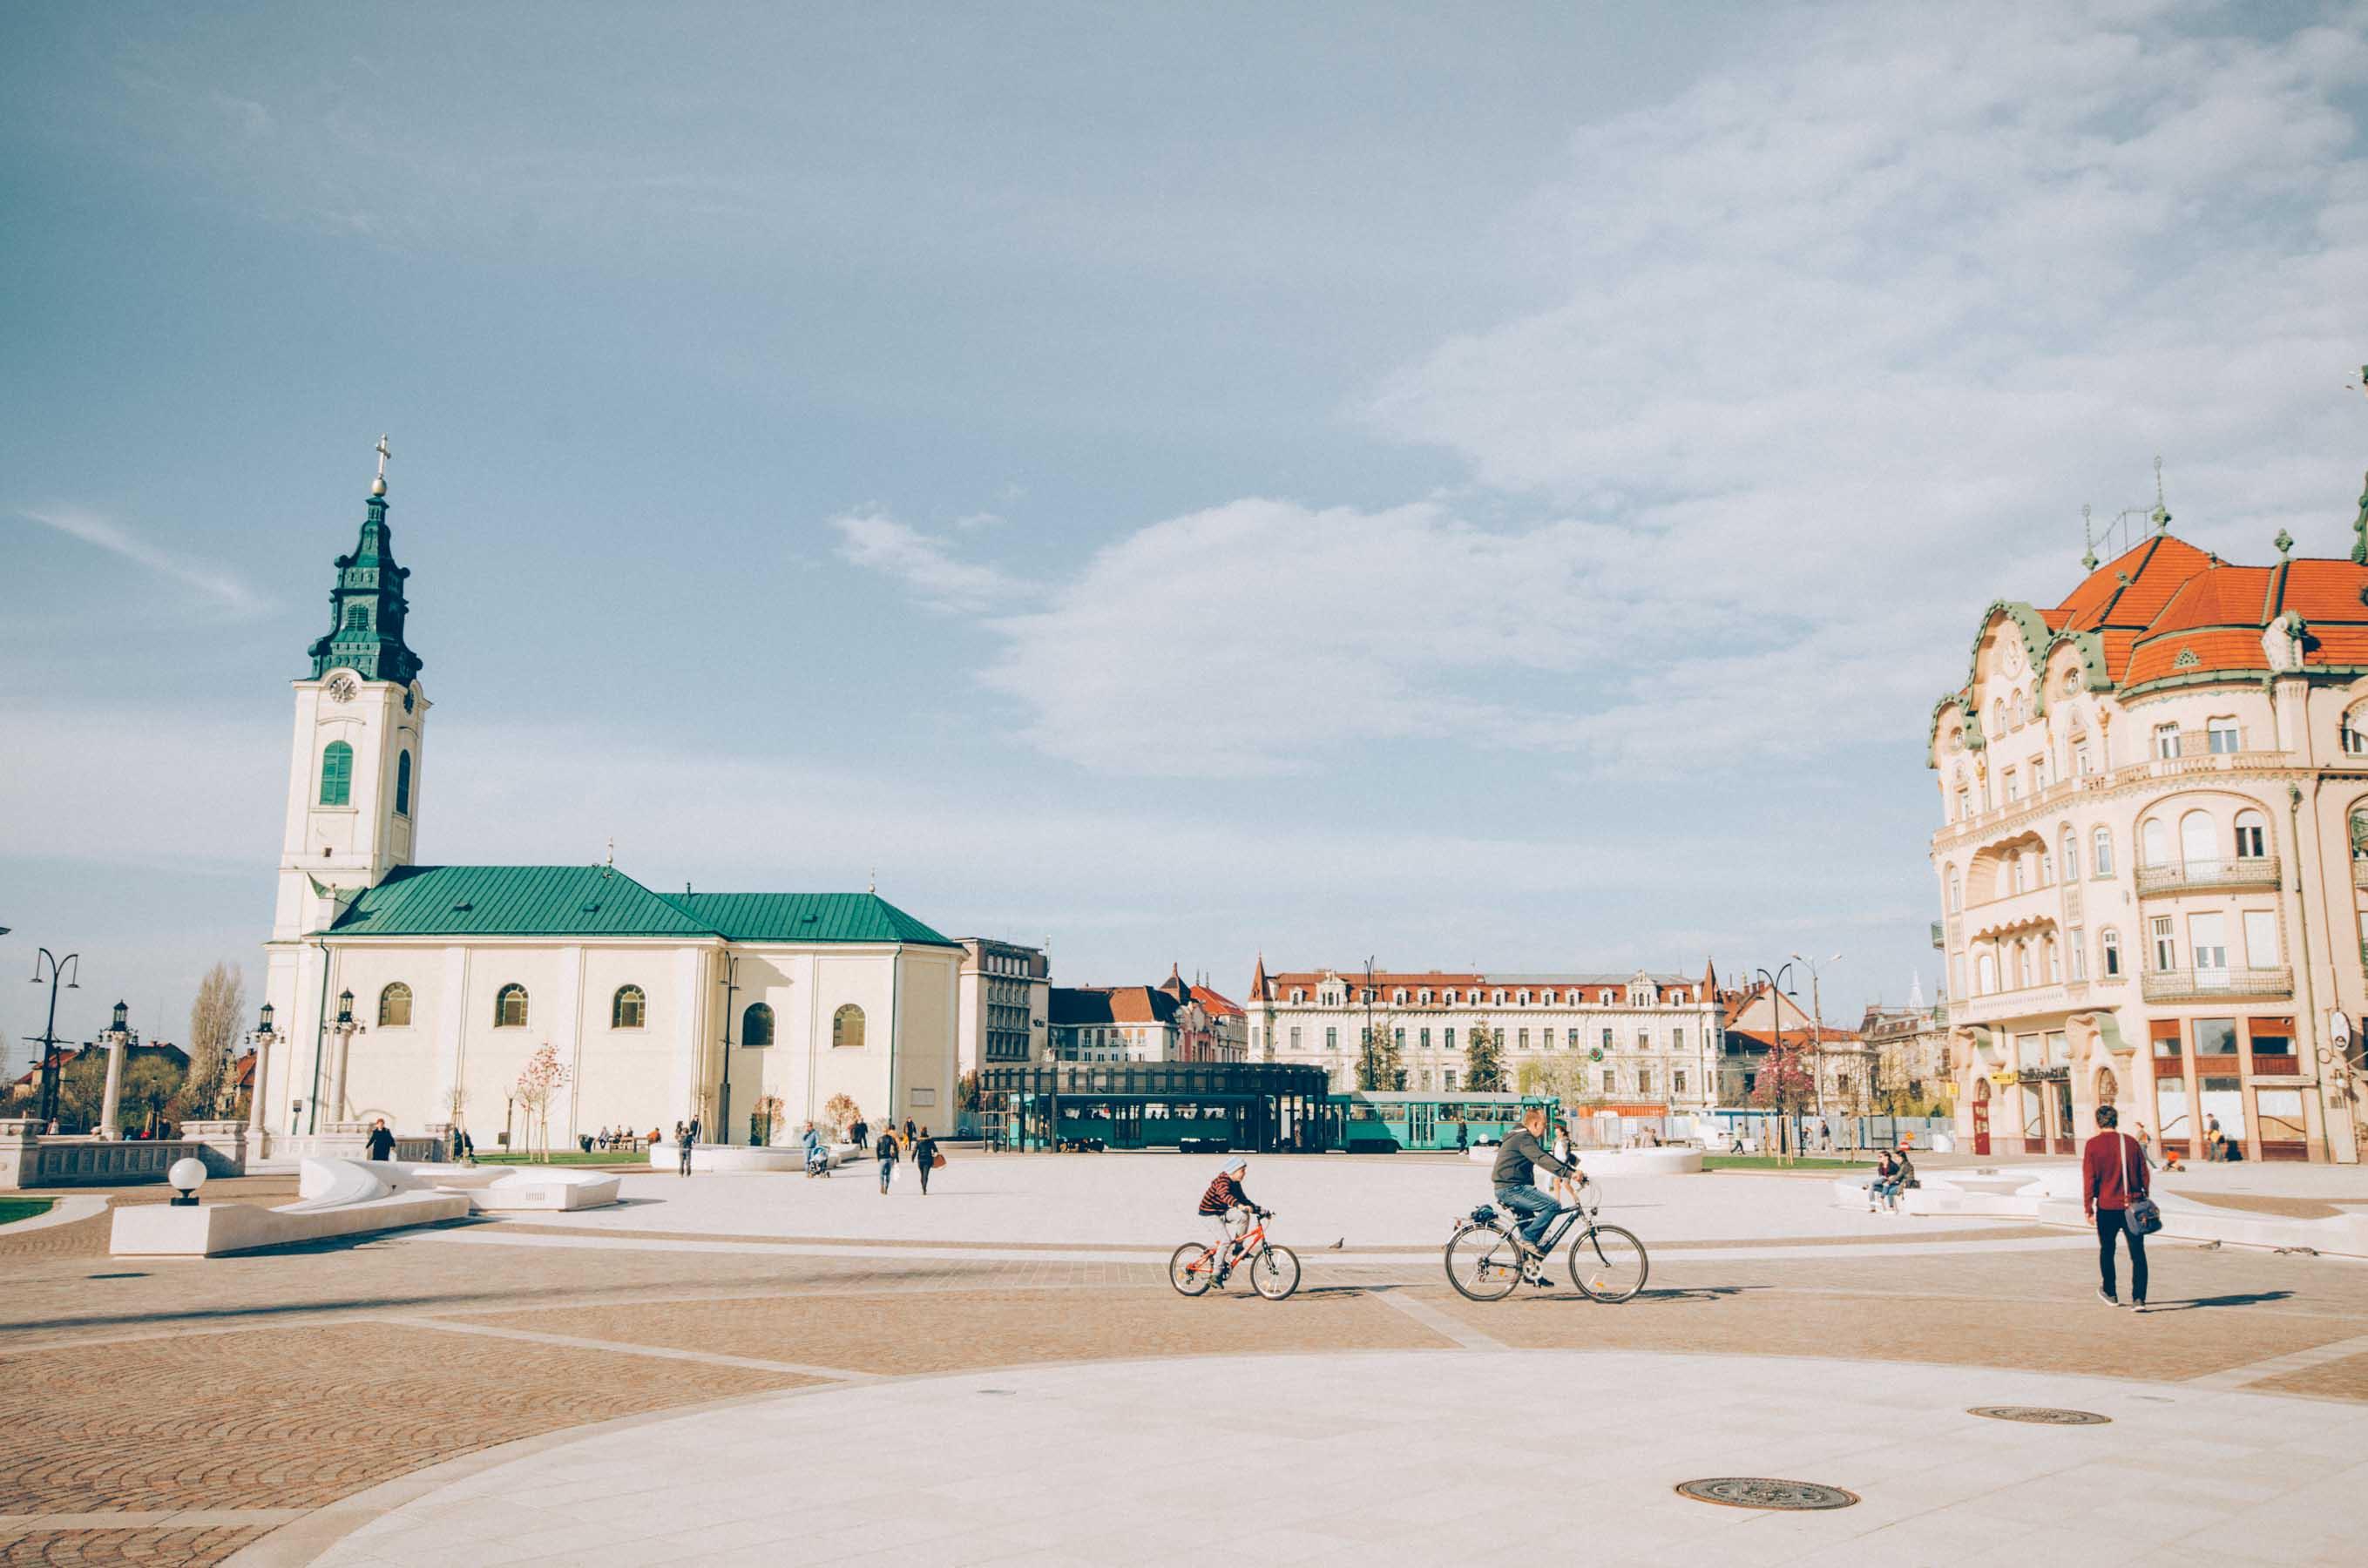 Oradea_martie_2016 (2) 1800-2162